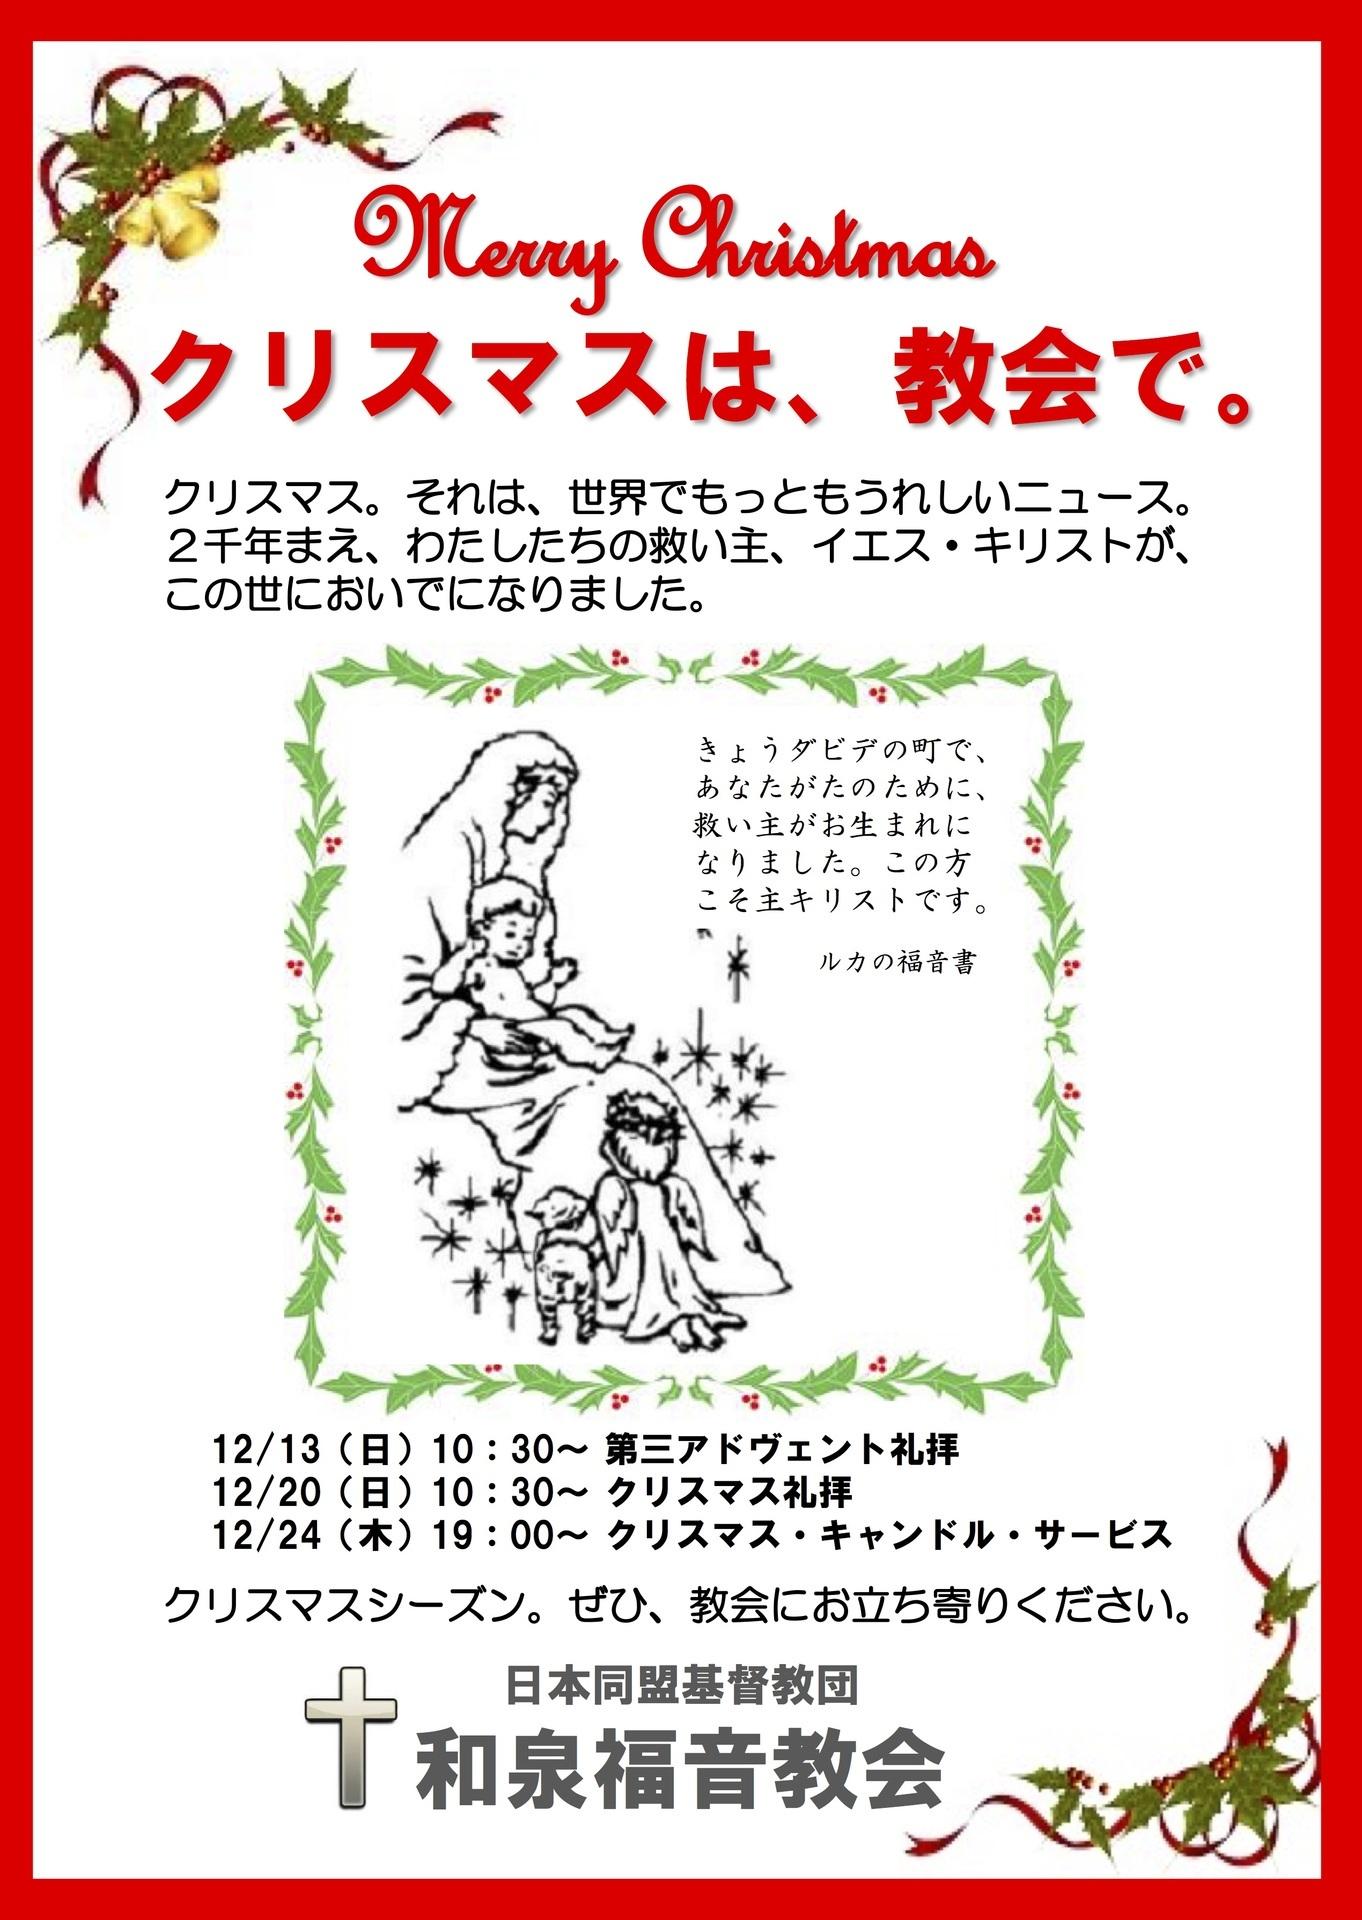 クリスマスポスター2015彩色.jpg